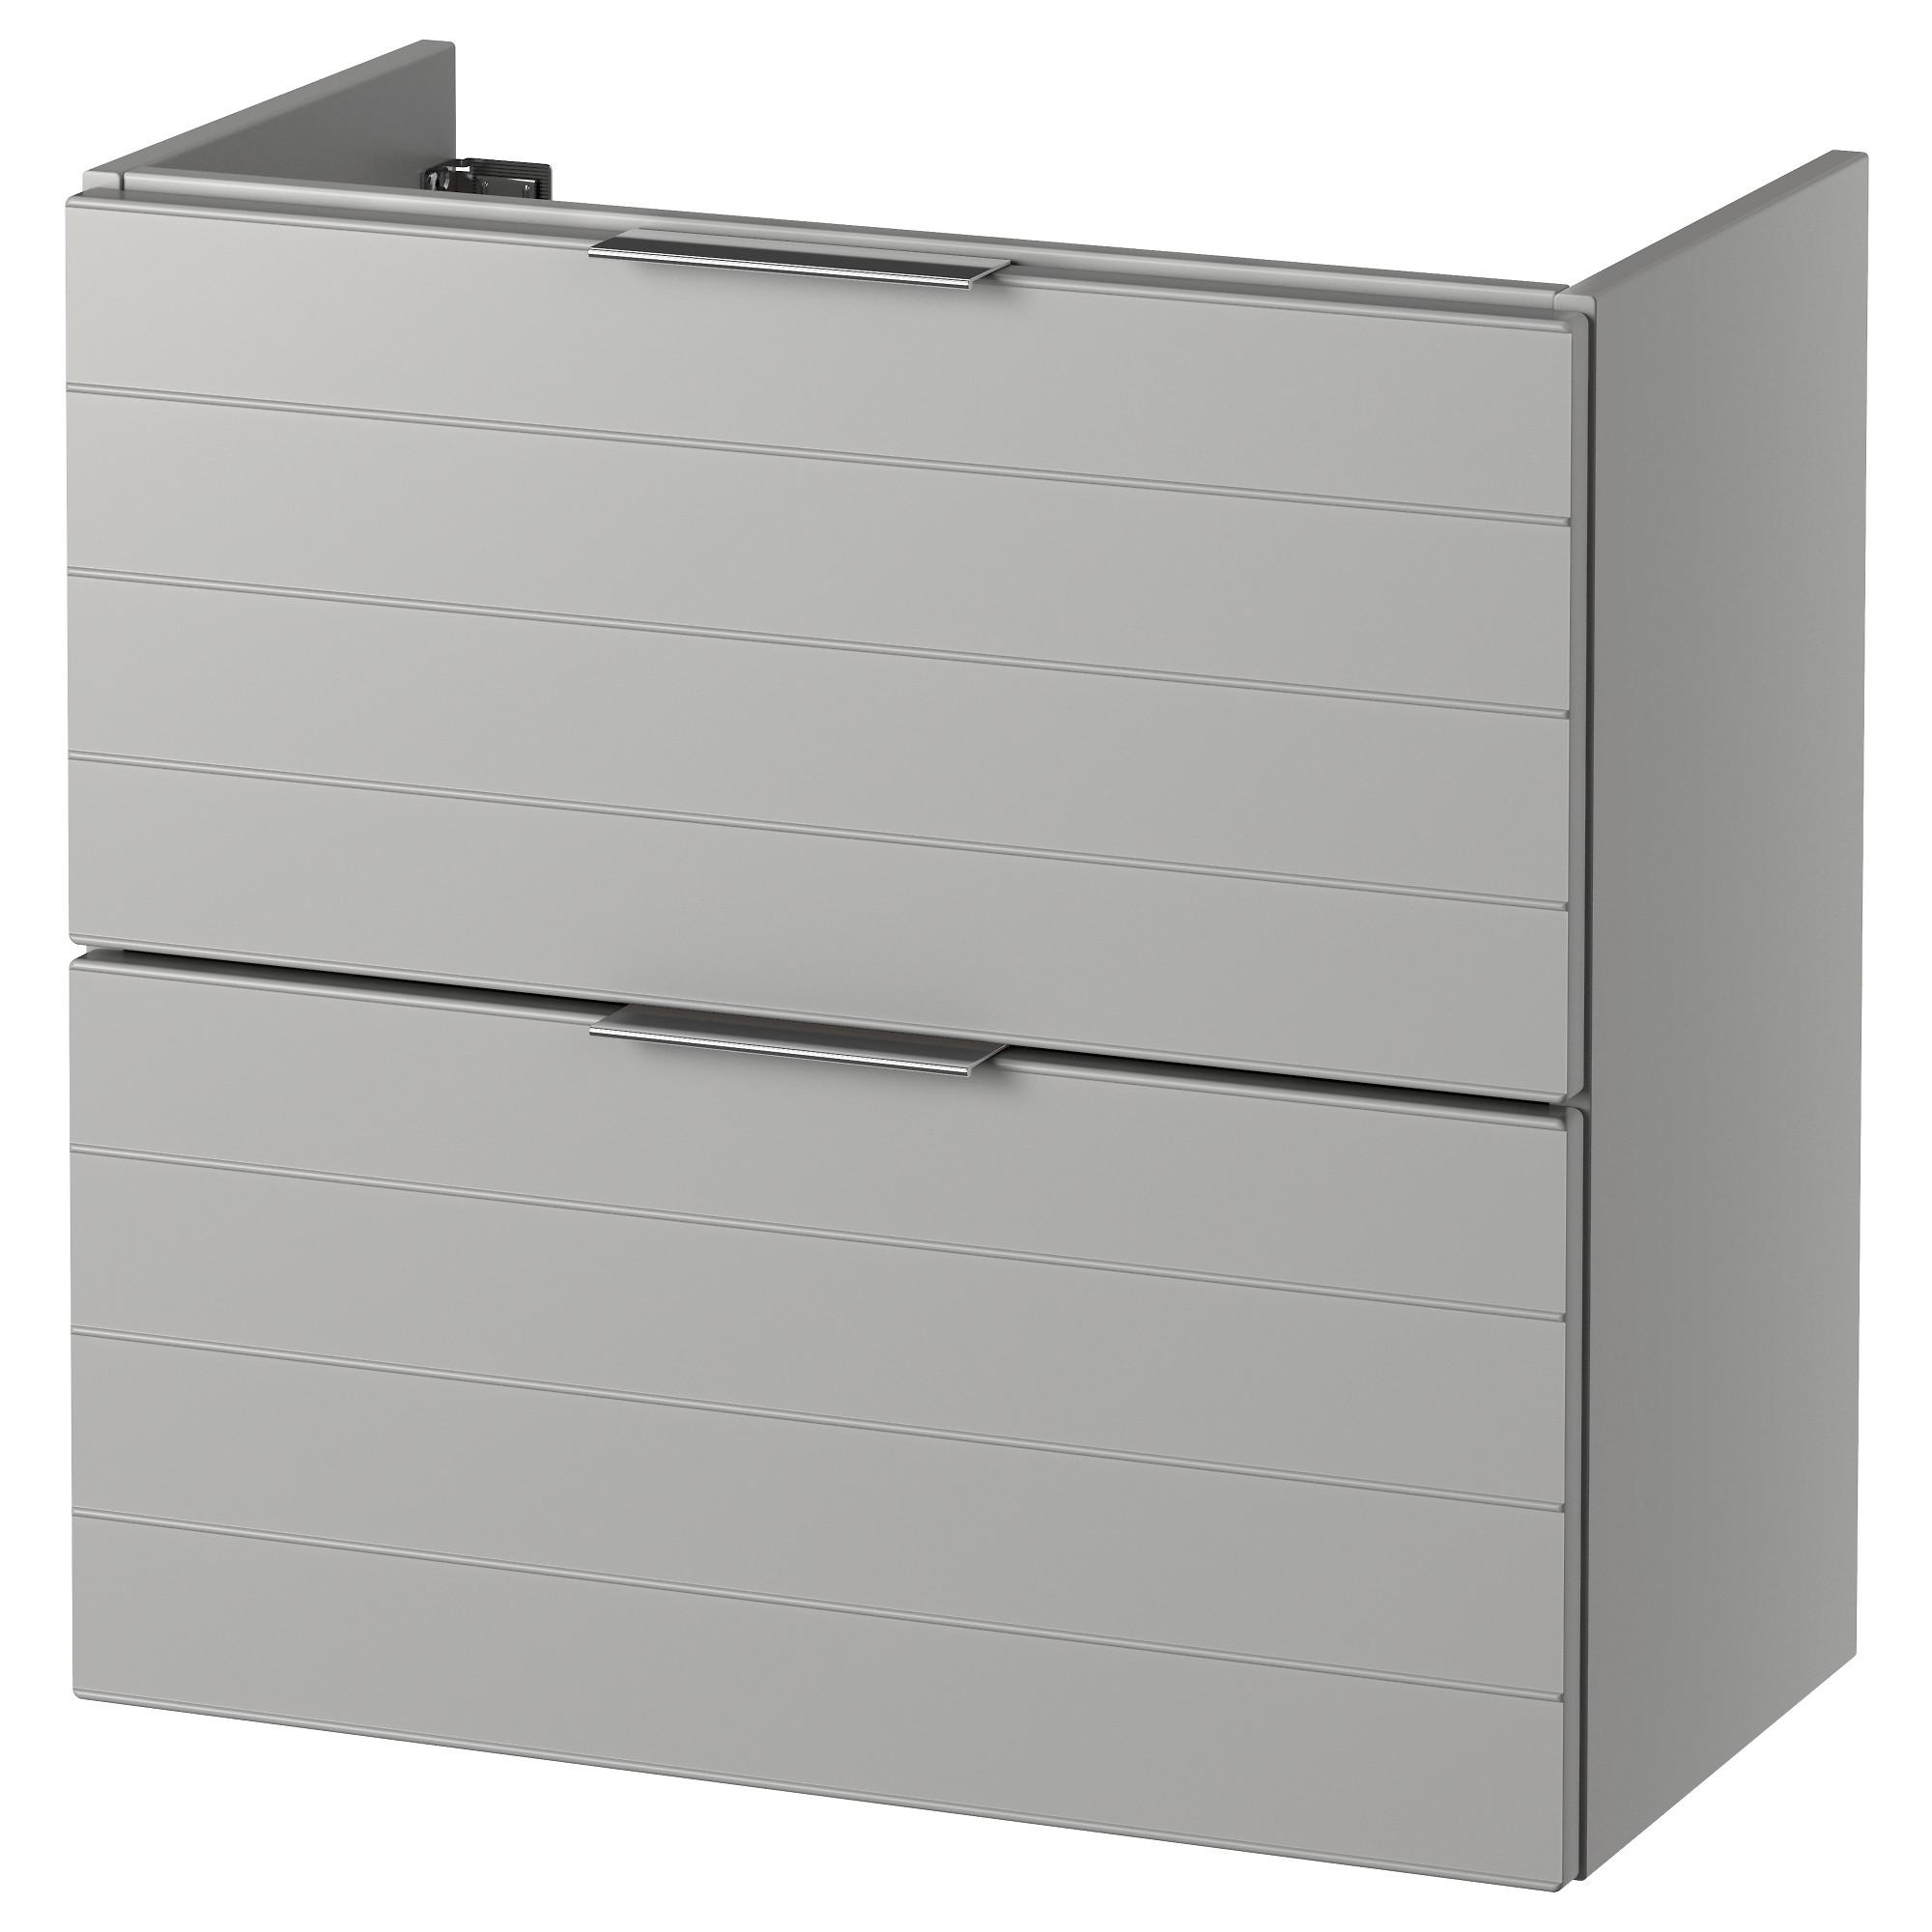 Шкаф для раковины с 2 ящиками ГОДМОРГОН светло-серый артикуль № 103.304.58 в наличии. Интернет каталог IKEA Беларусь. Быстрая доставка и монтаж.